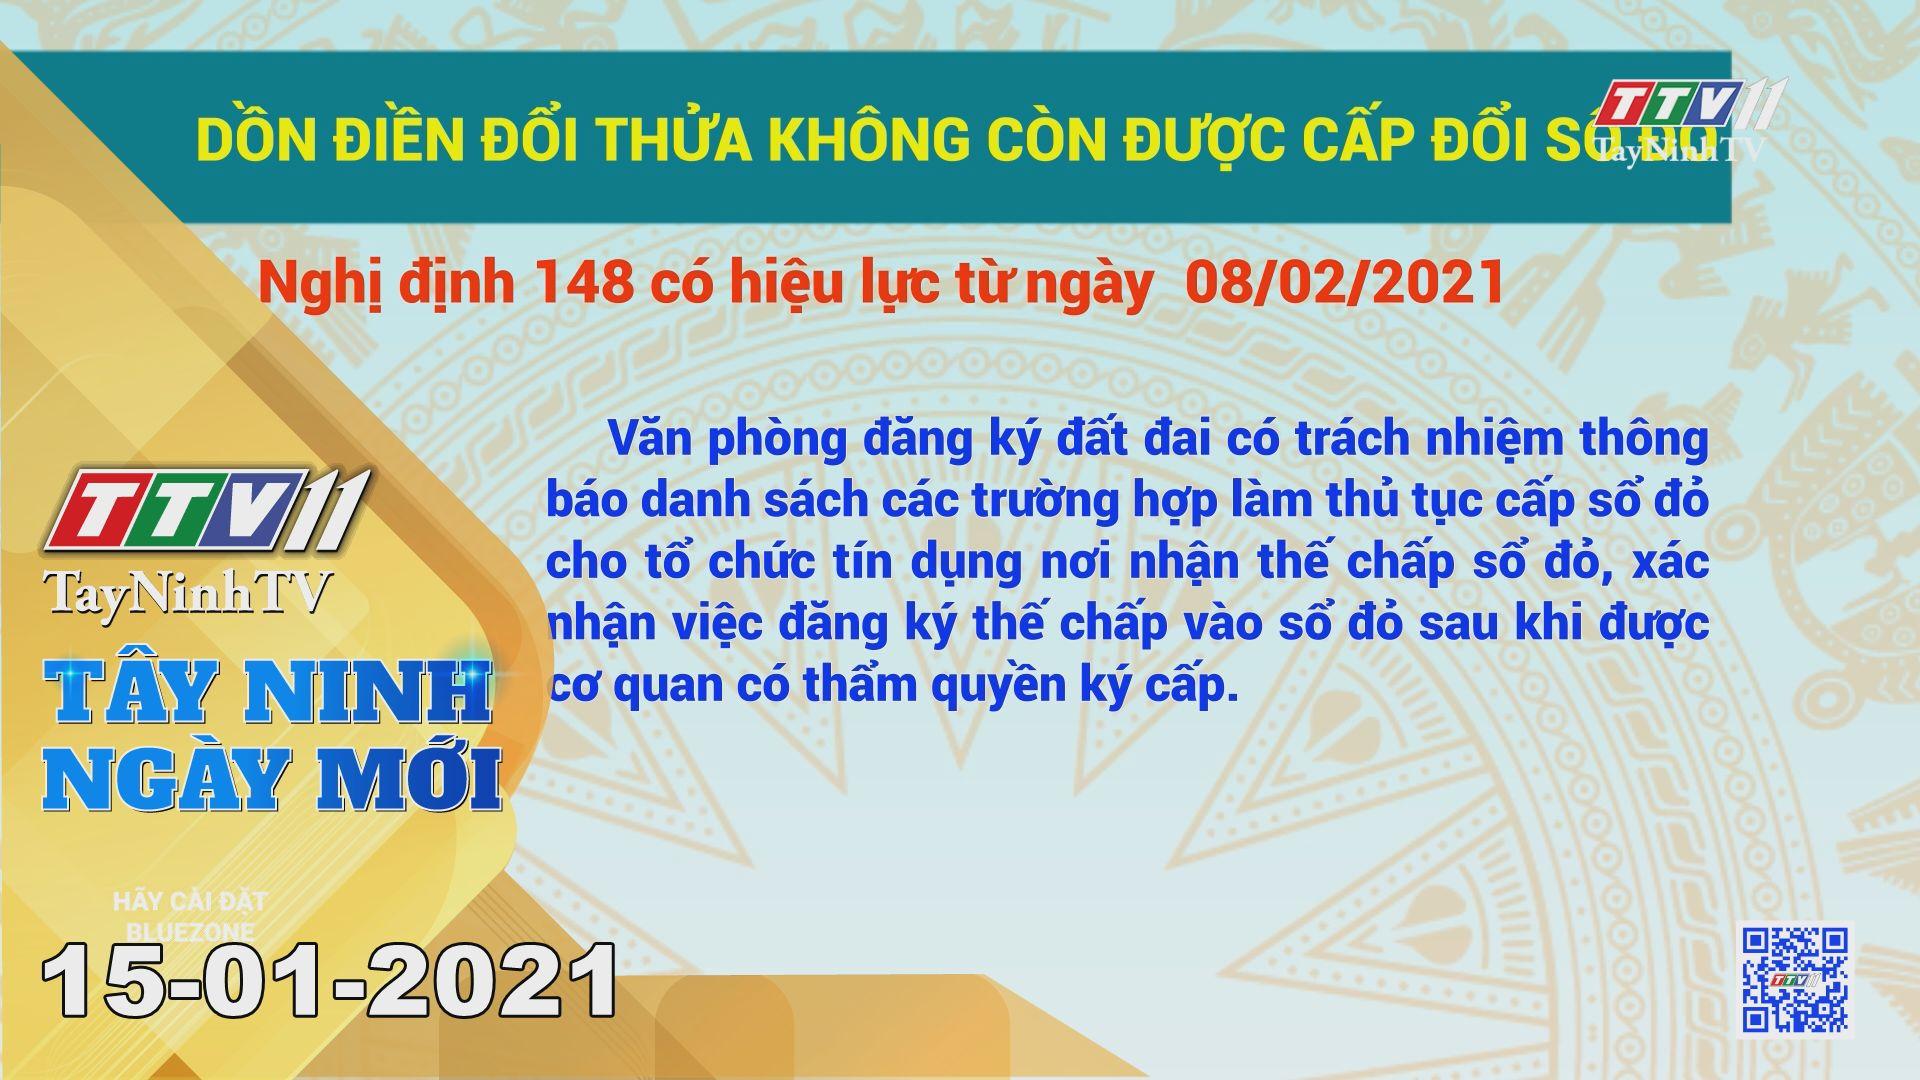 Tây Ninh Ngày Mới 15-01-2021 | Tin tức hôm nay | TayNinhTV